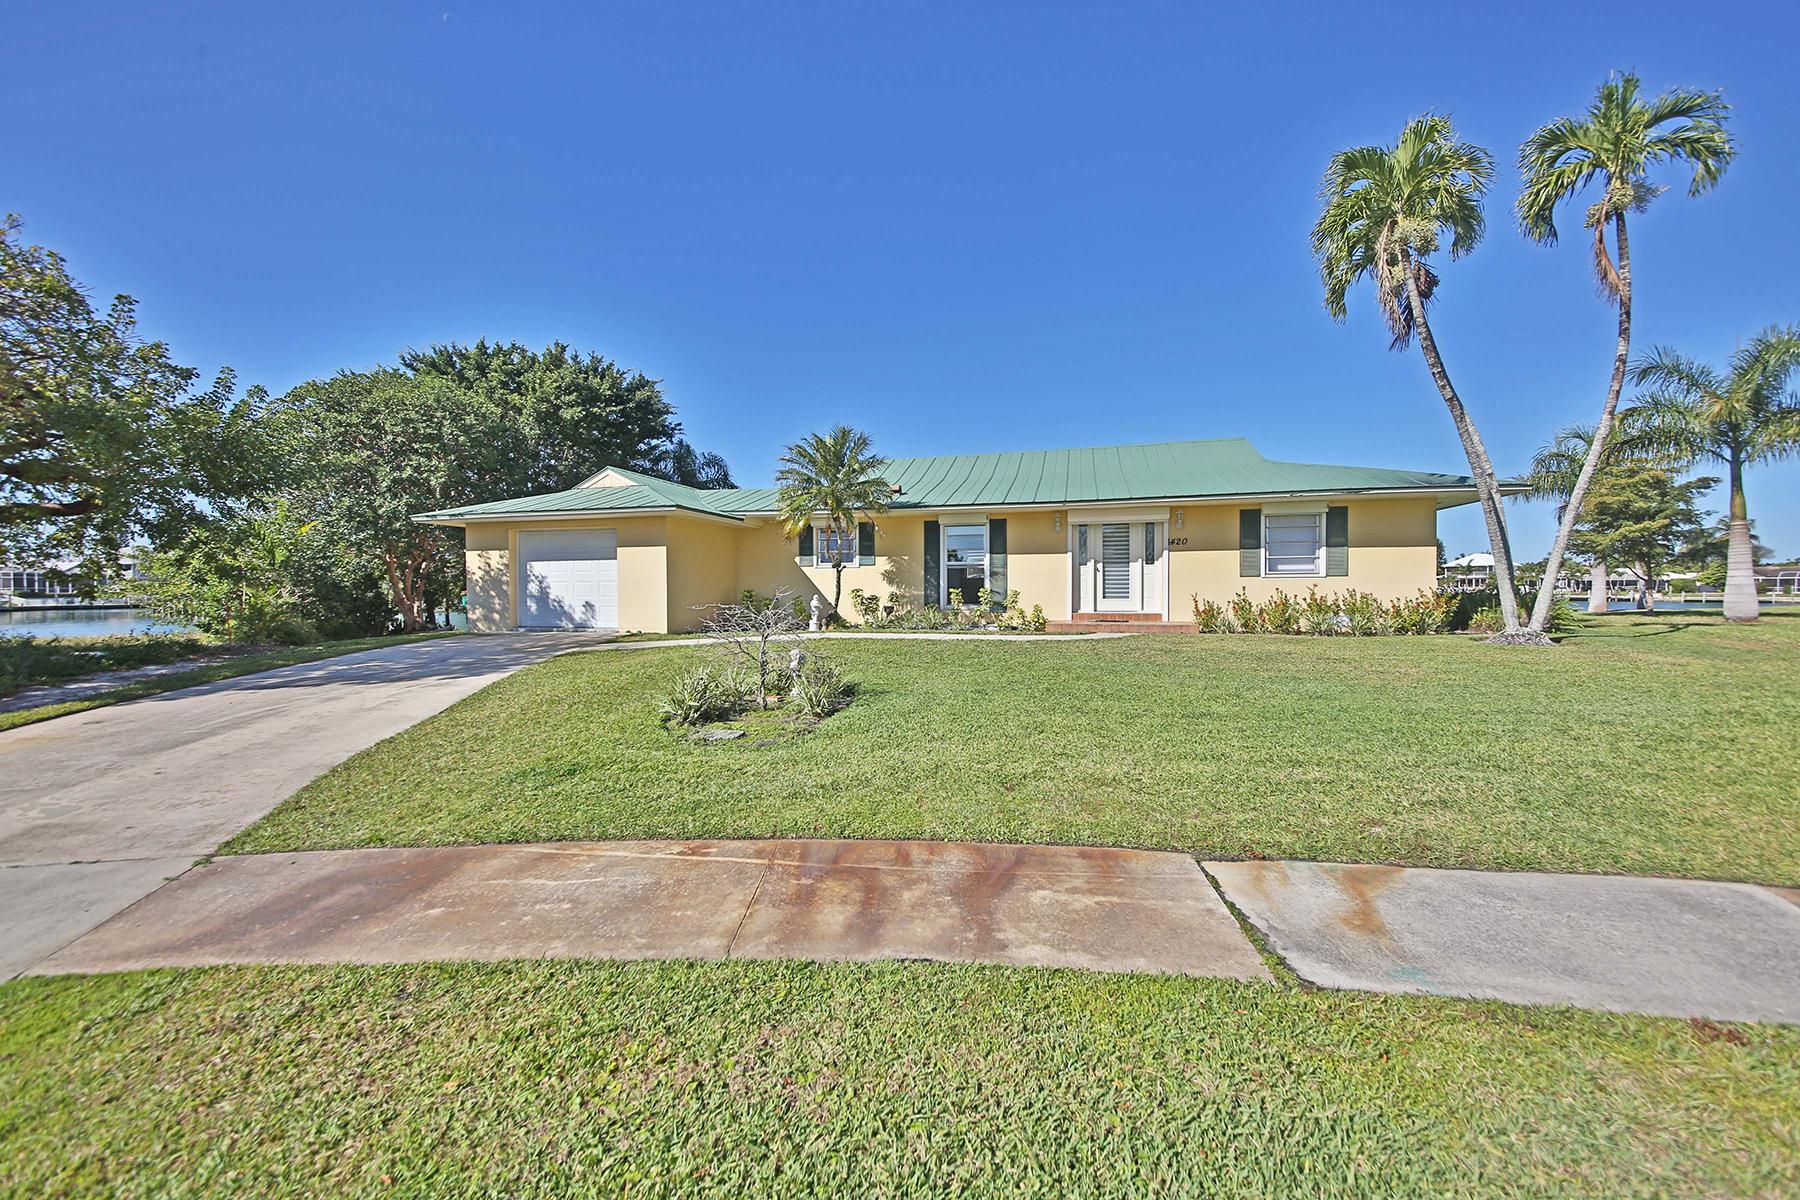 Villa per Vendita alle ore 1420 Firwood Ct , Marco Island, FL 34145 1420 Firwood Ct Marco Island, Florida, 34145 Stati Uniti